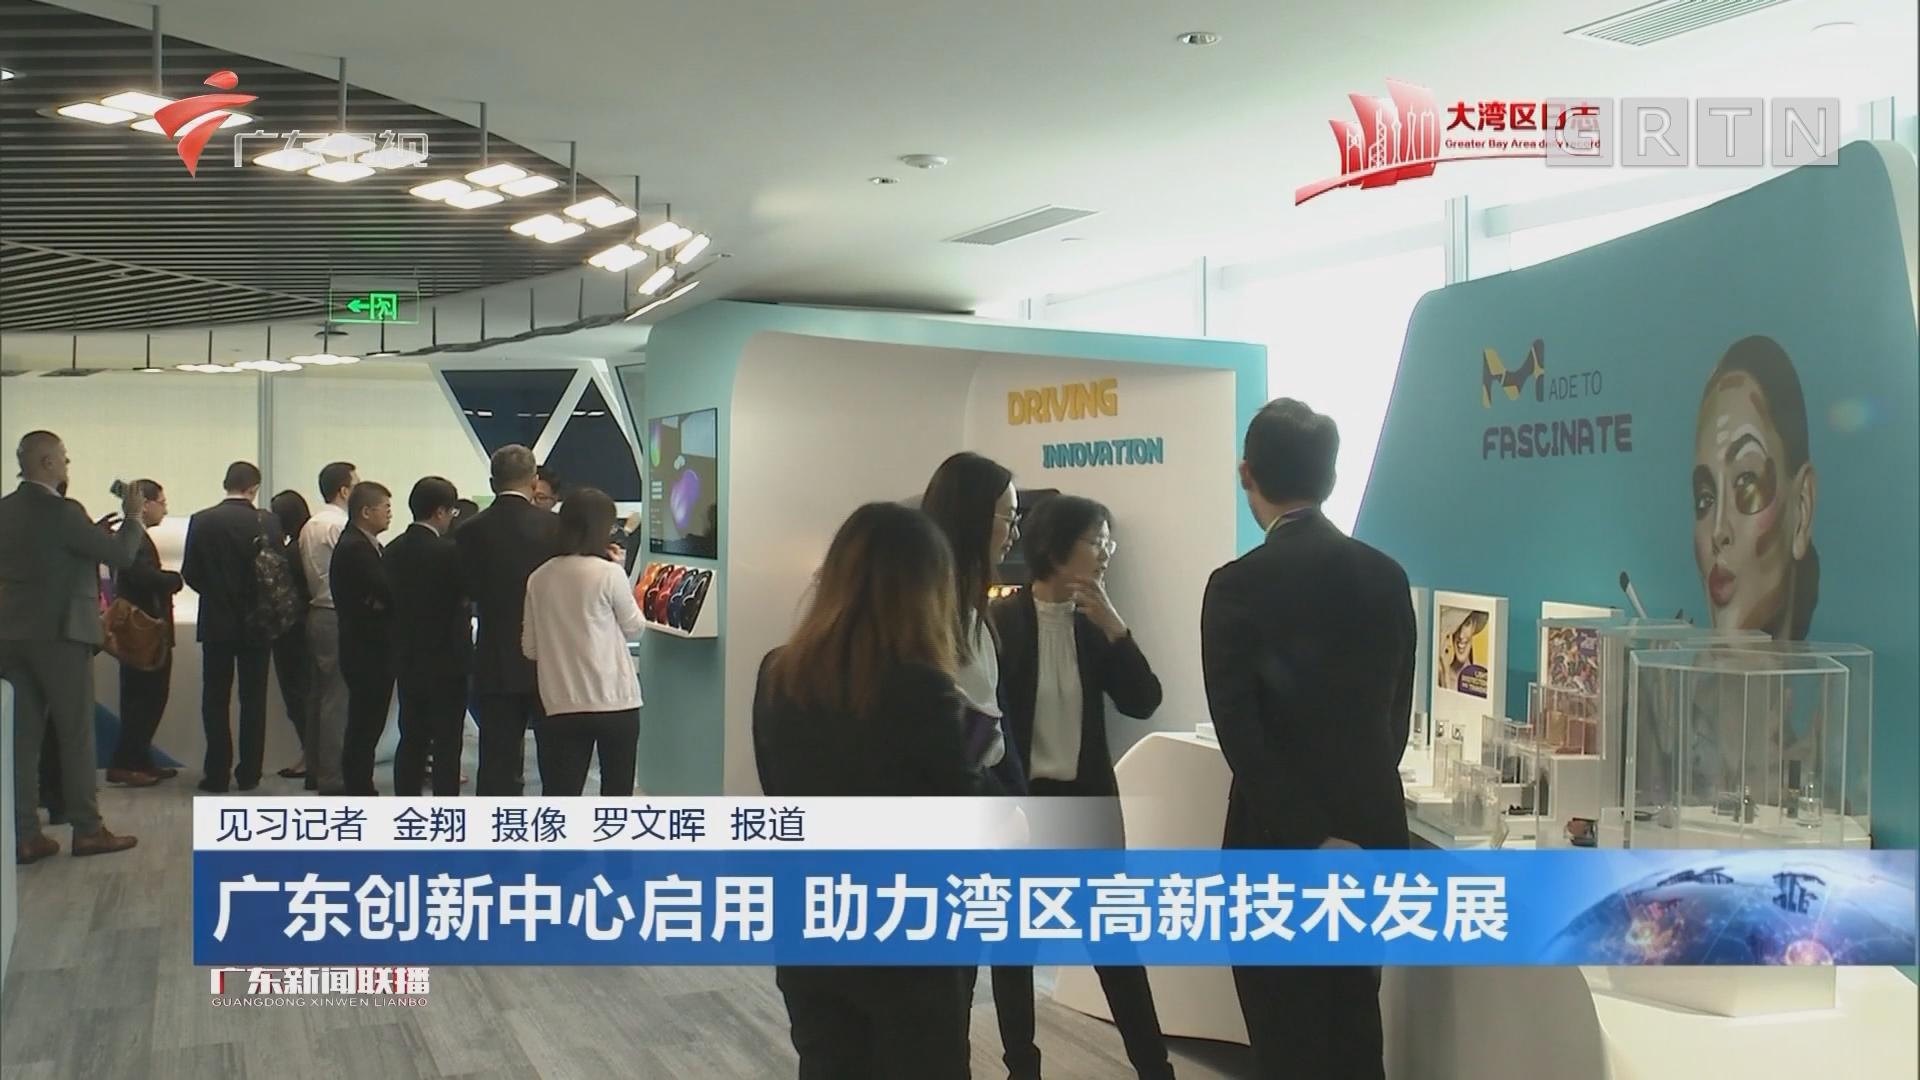 廣東創新中心啟用 助力灣區高新技術發展